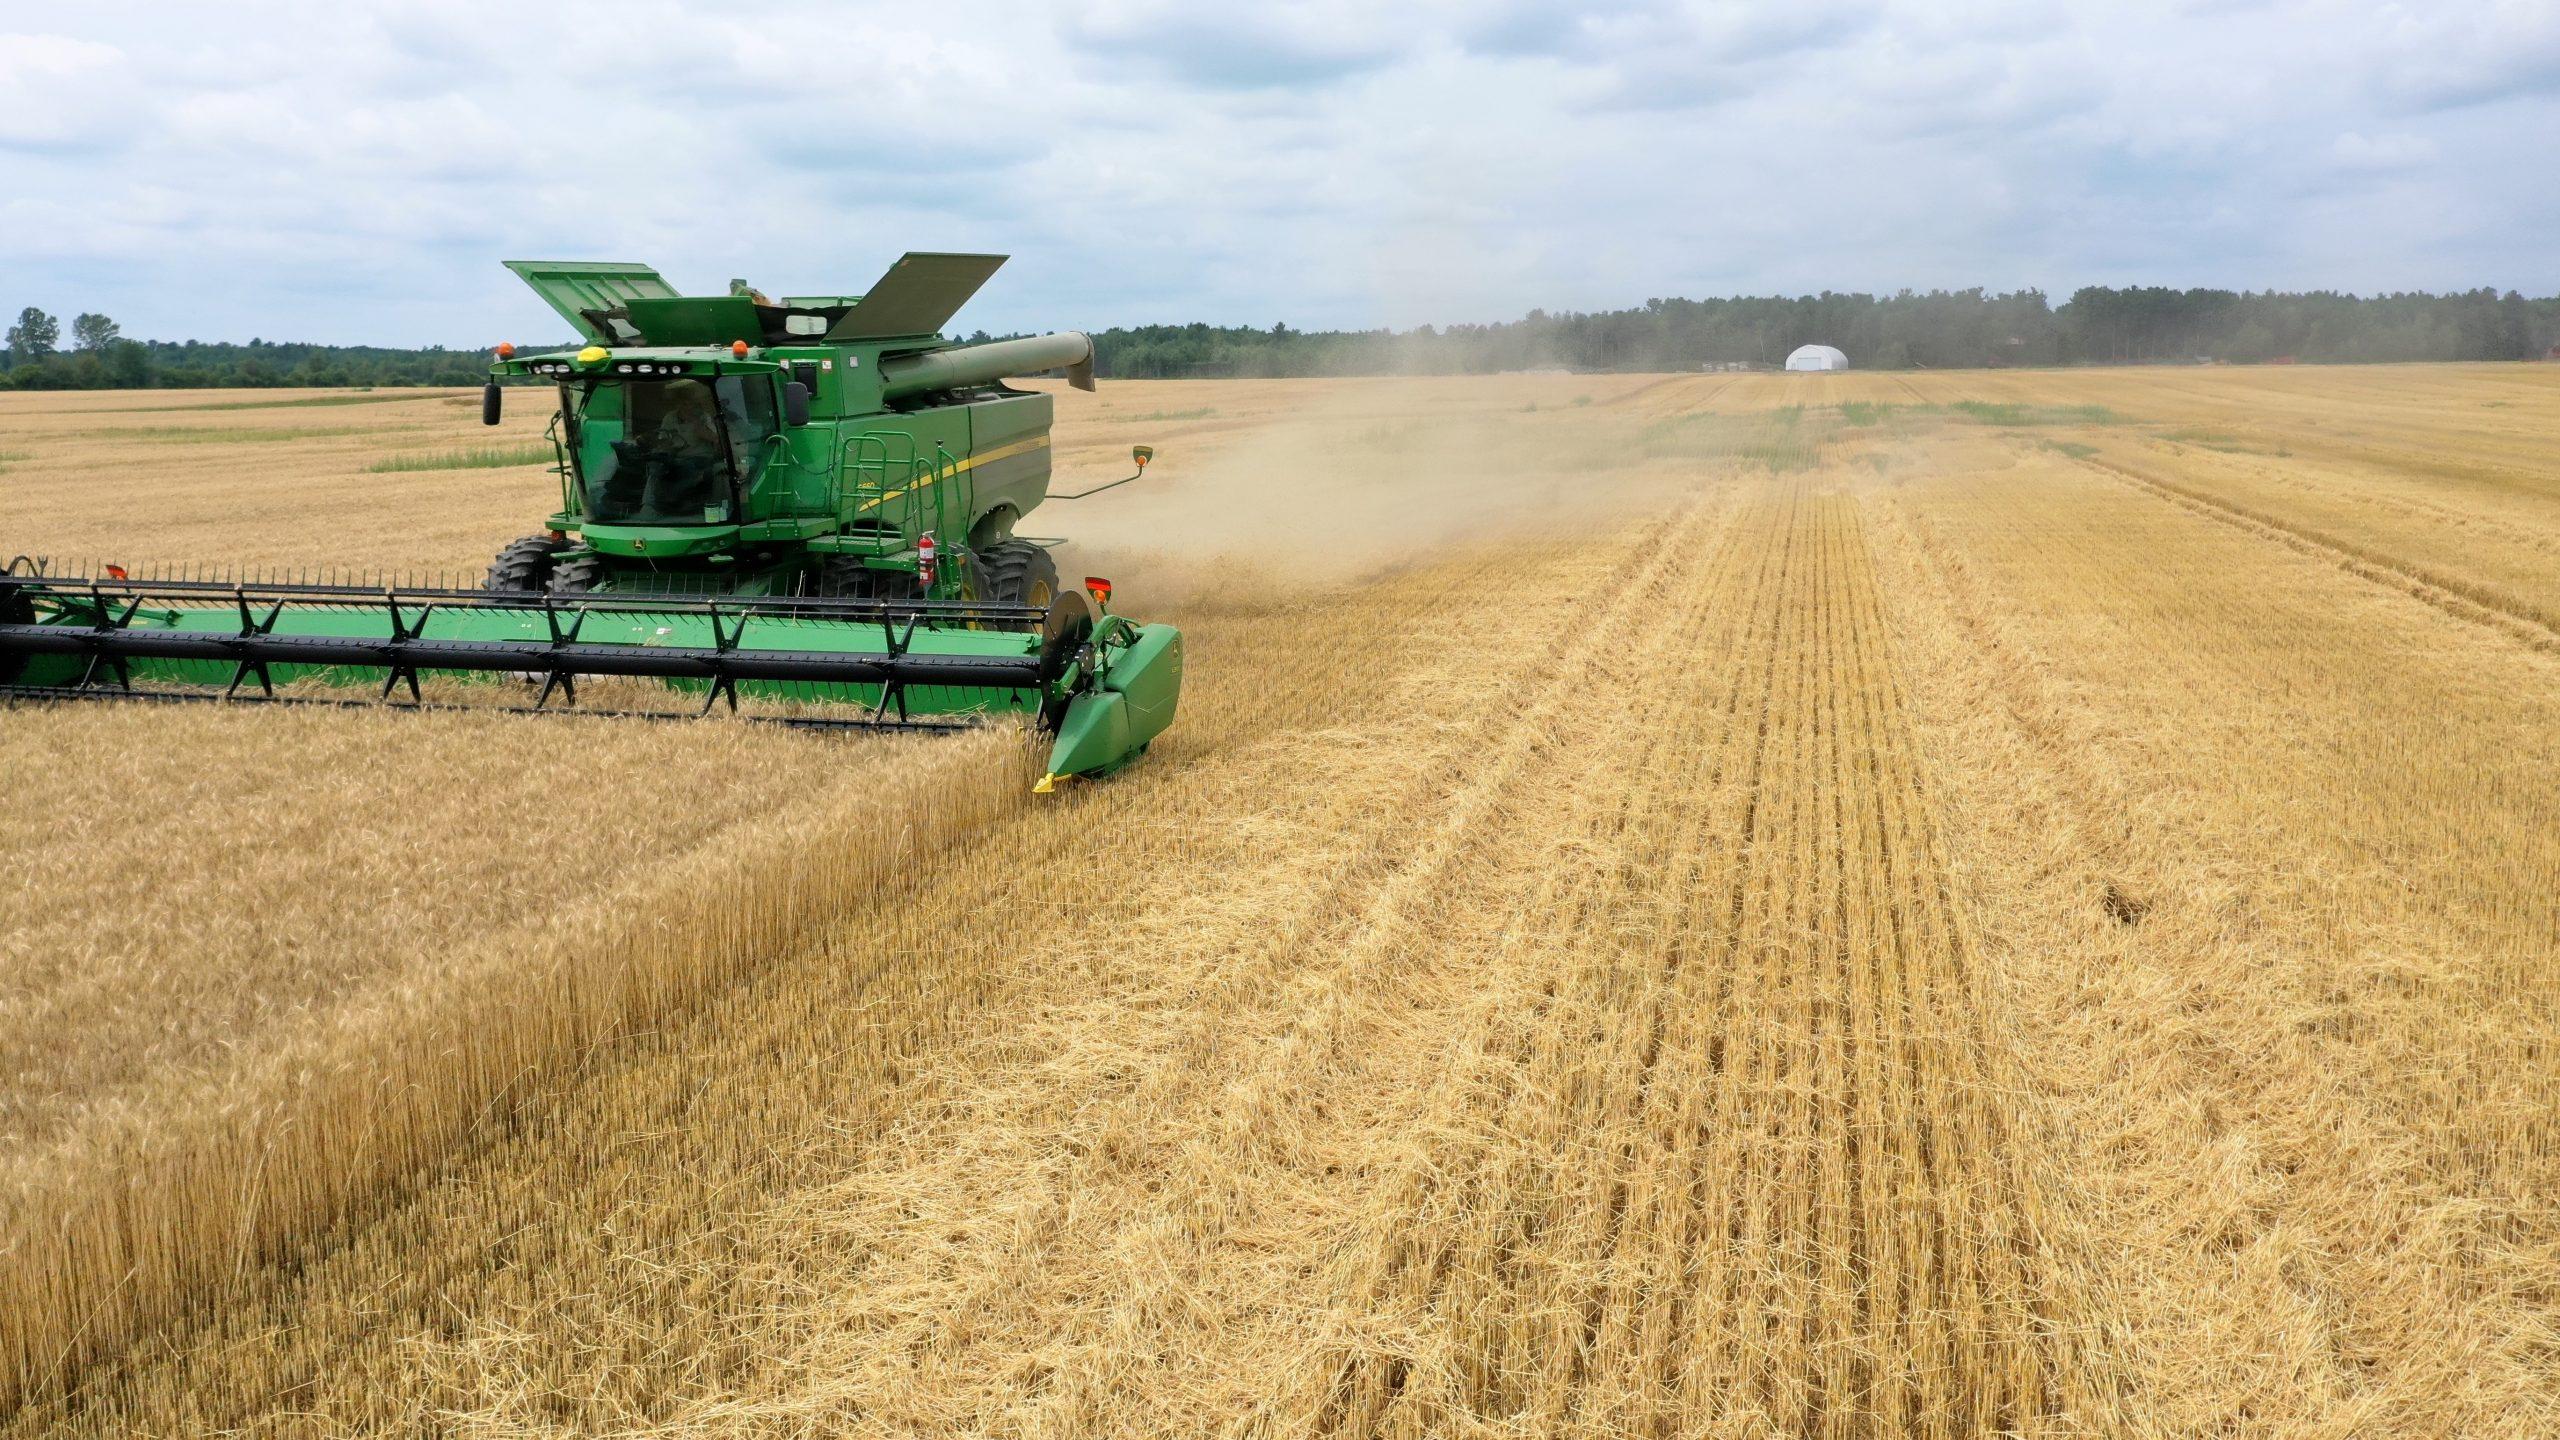 La récolte de blé d'automne est au-delà des espérances à la Ferme Diane et Denis Champagne. Photo : Gracieuseté de la Ferme Diane et Denis Champagne